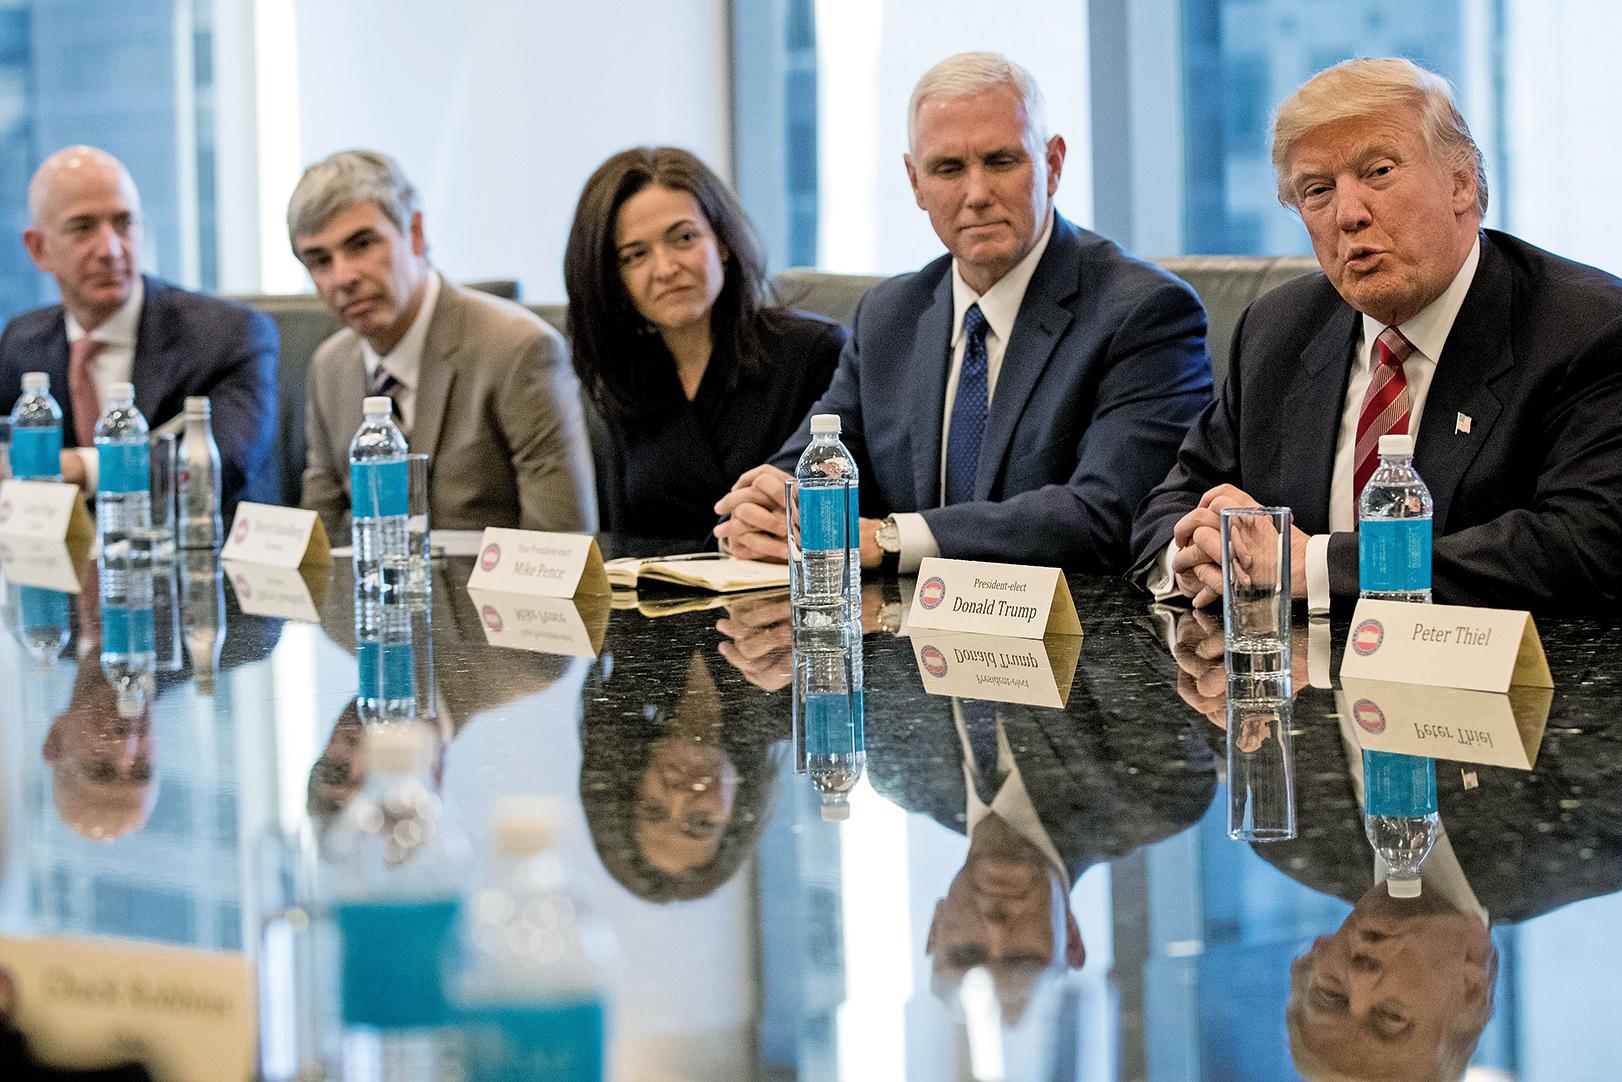 2016年12月14日,特朗普在當選美國總統後,首次在紐約會見美國科技界領袖,討論美國就業及勞工發展等話題。(Getty Images)